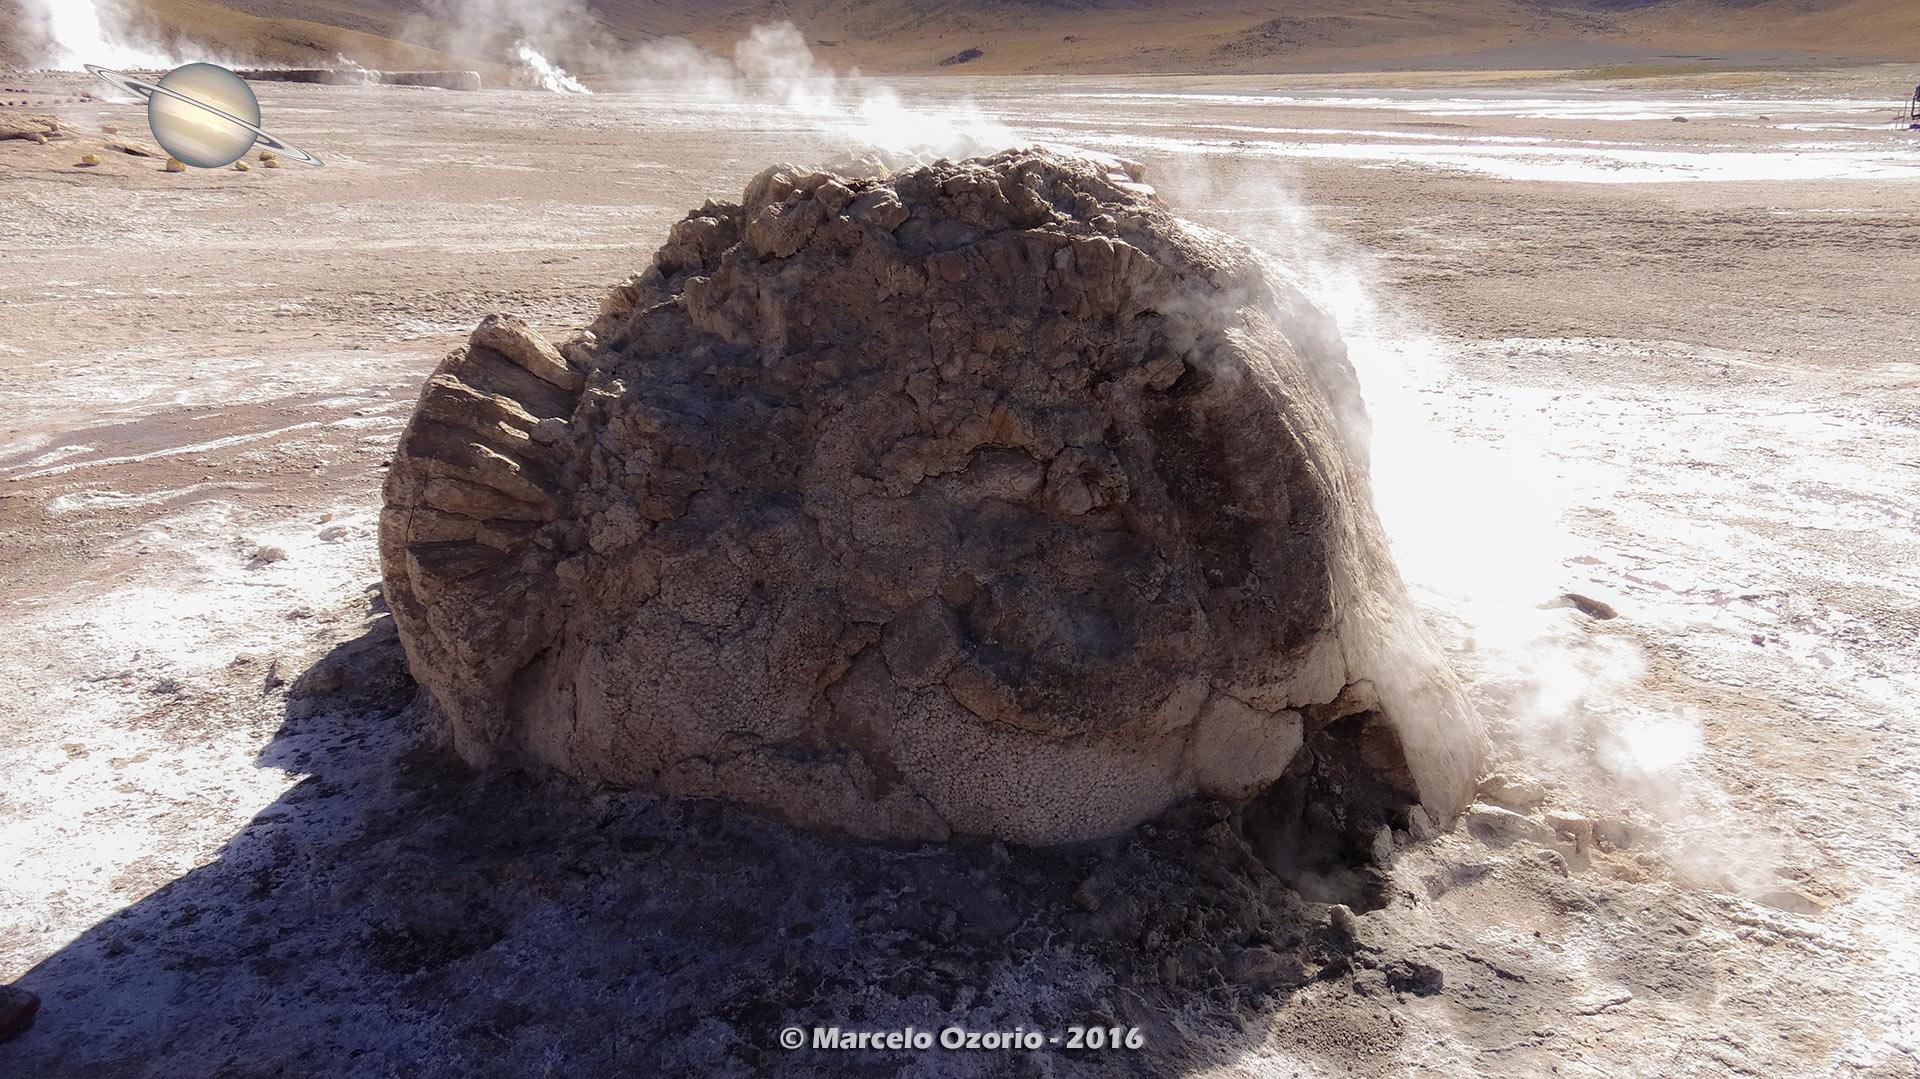 el tatio geysers atacama desert 38 - The Surreal El Tatio Geysers - Atacama Desert - Chile